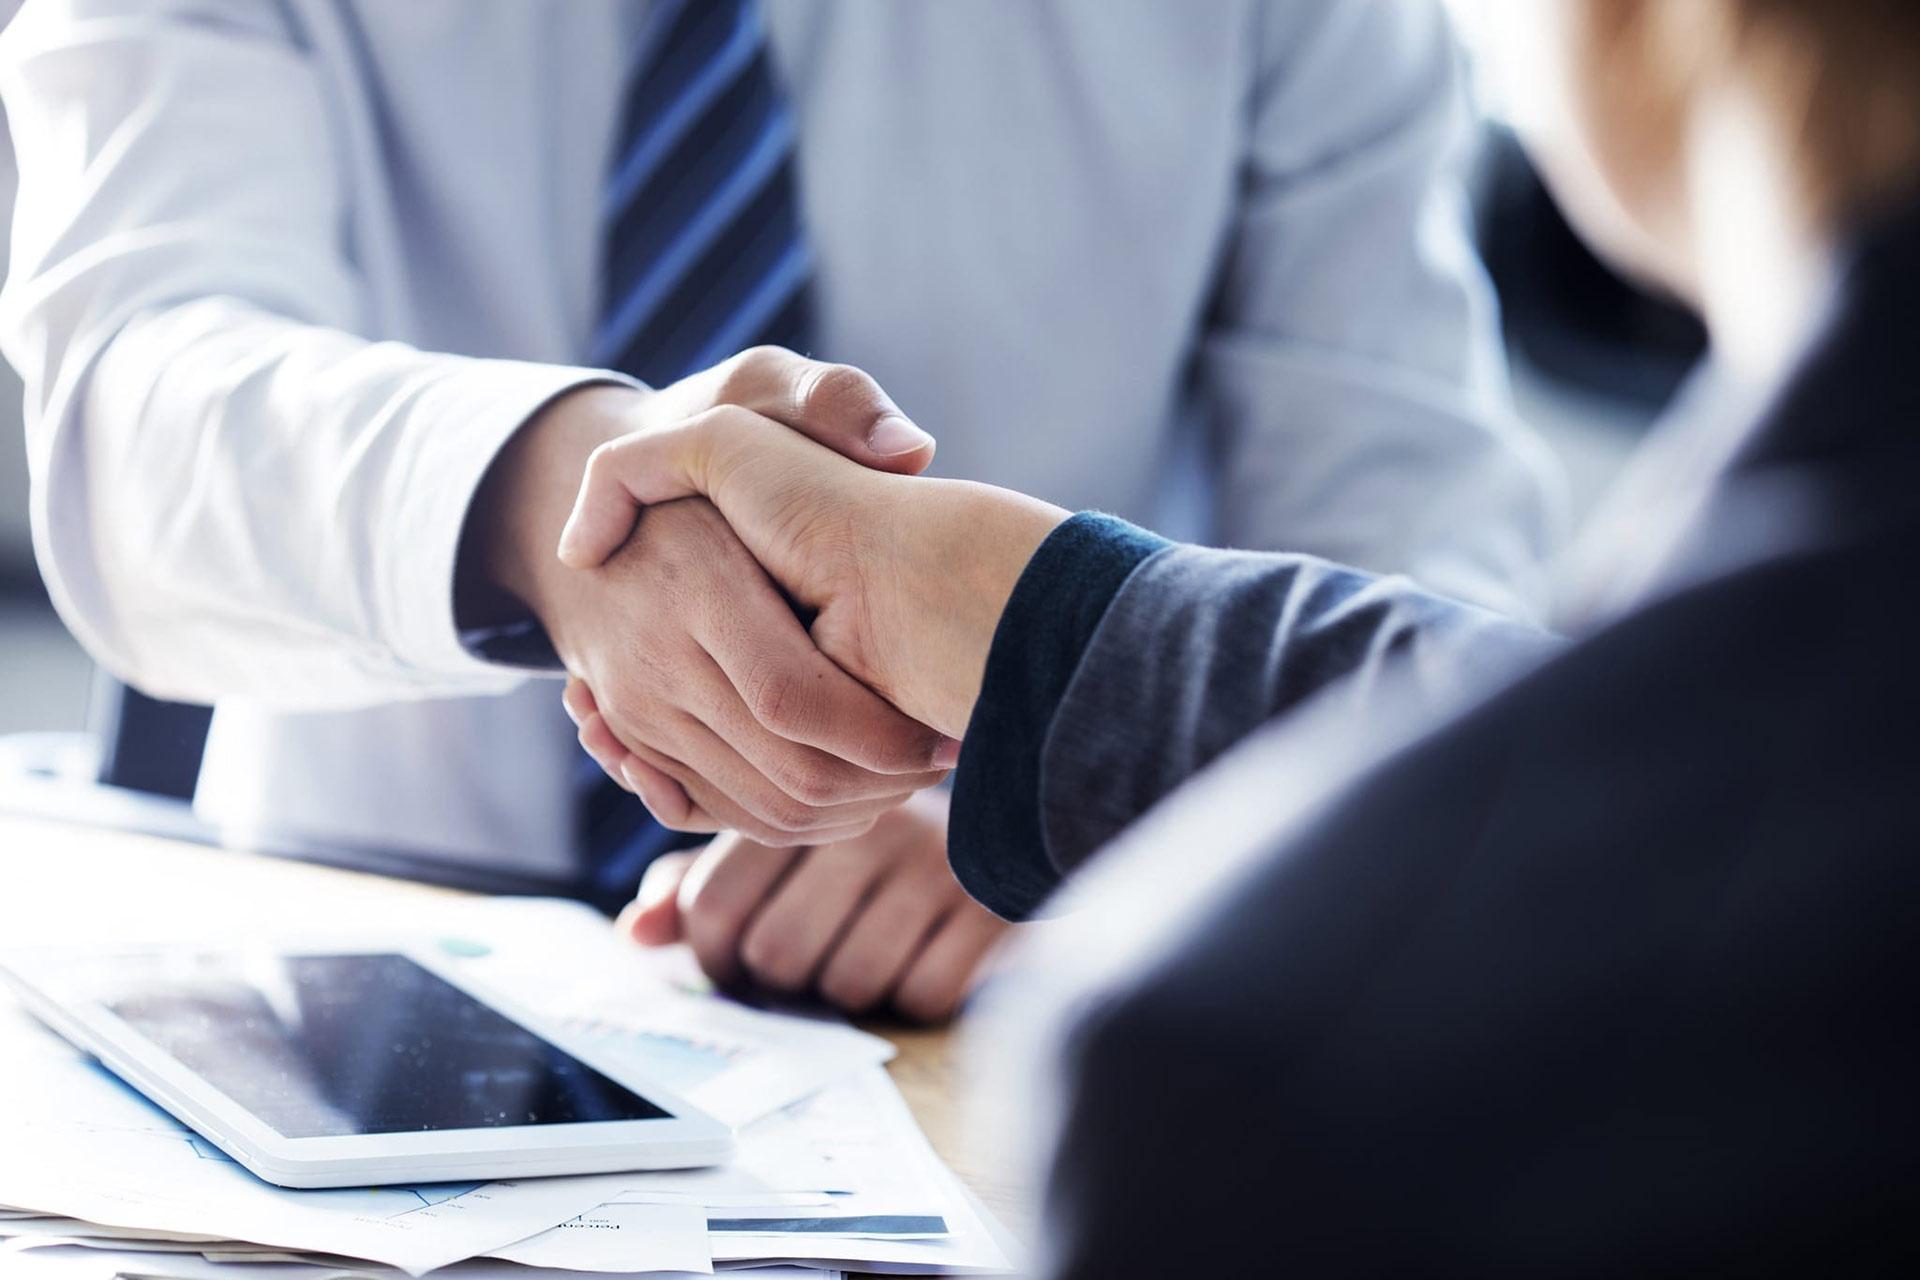 Раздел на сайте Бизнес-школы БИЗНЕС ИНСАЙТ: Наши партнеры